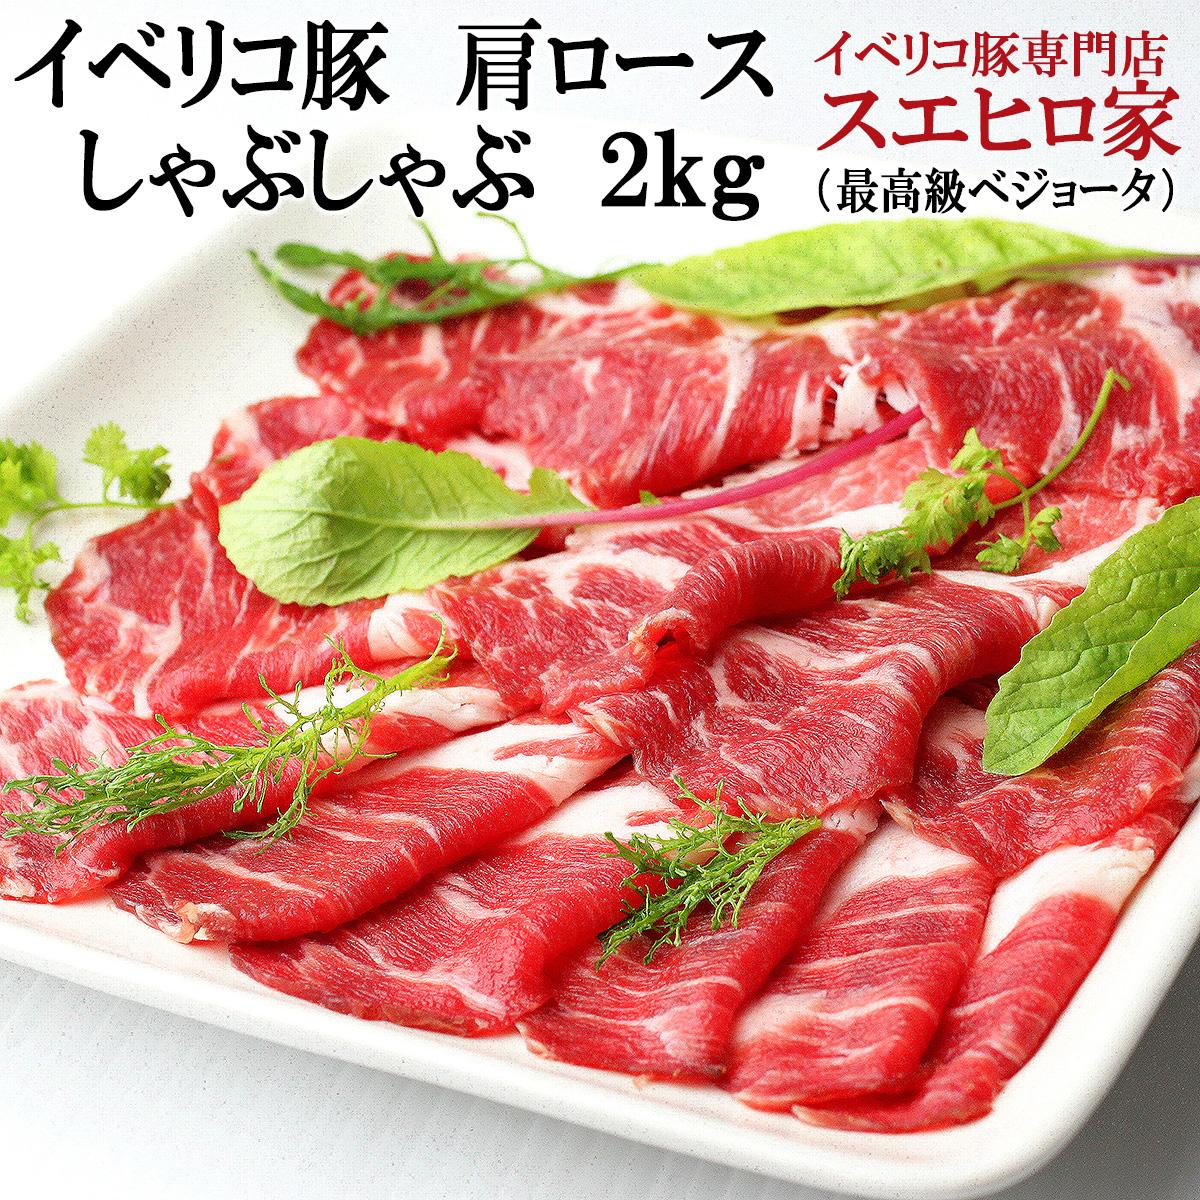 最高級 イベリコ豚 肩ロース しゃぶしゃぶ 2kg (約8~10人前)(ベジョータ)豚肉 豚しゃぶ 鍋セット お肉 高級肉 ギフト 大量 大人数 10人前 父の日 母の日 お中元ギフト